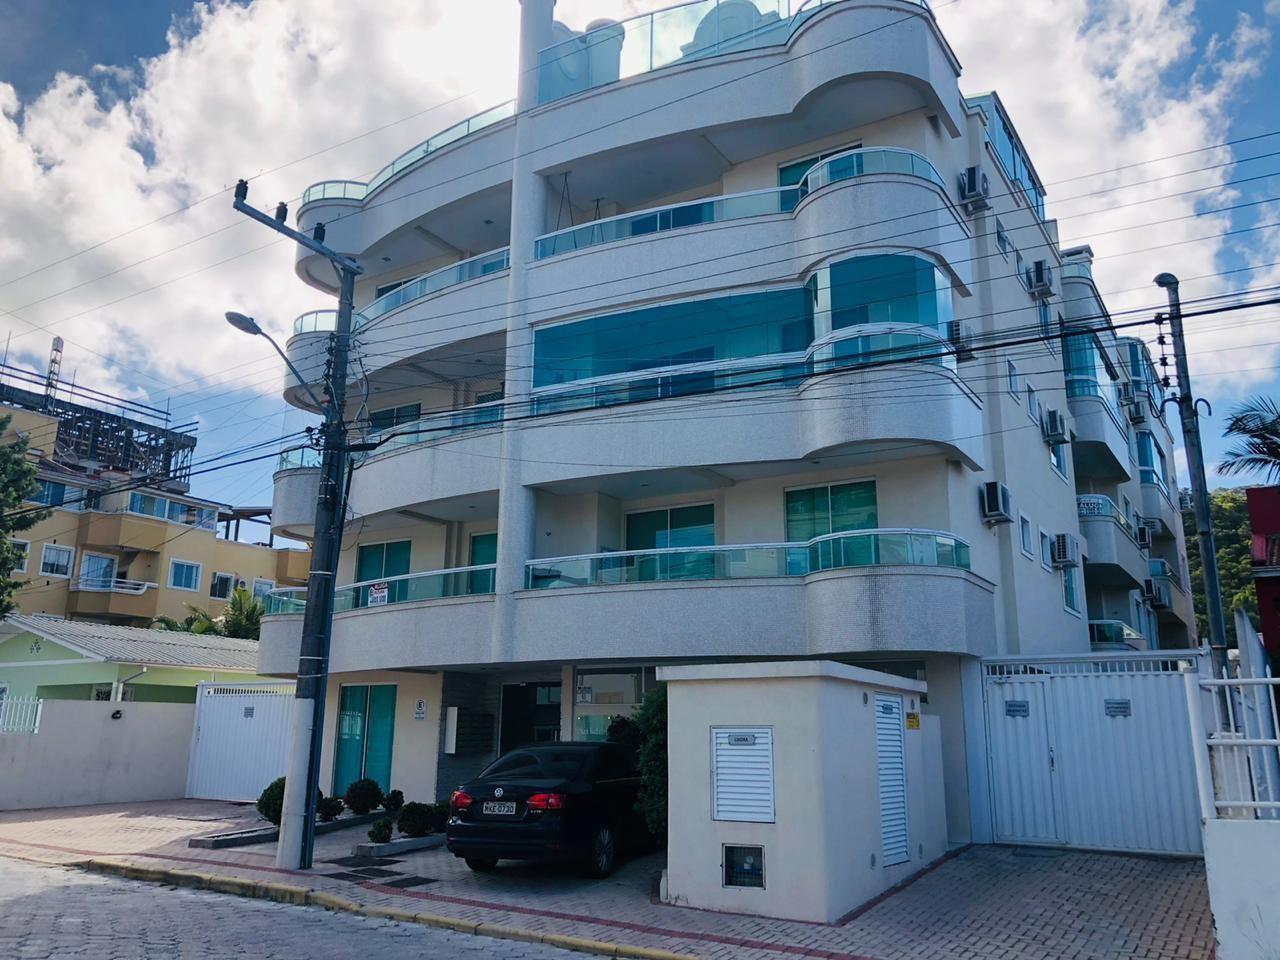 Apartamento com 2 Dormitórios para alugar, 65 m² valor à combinar